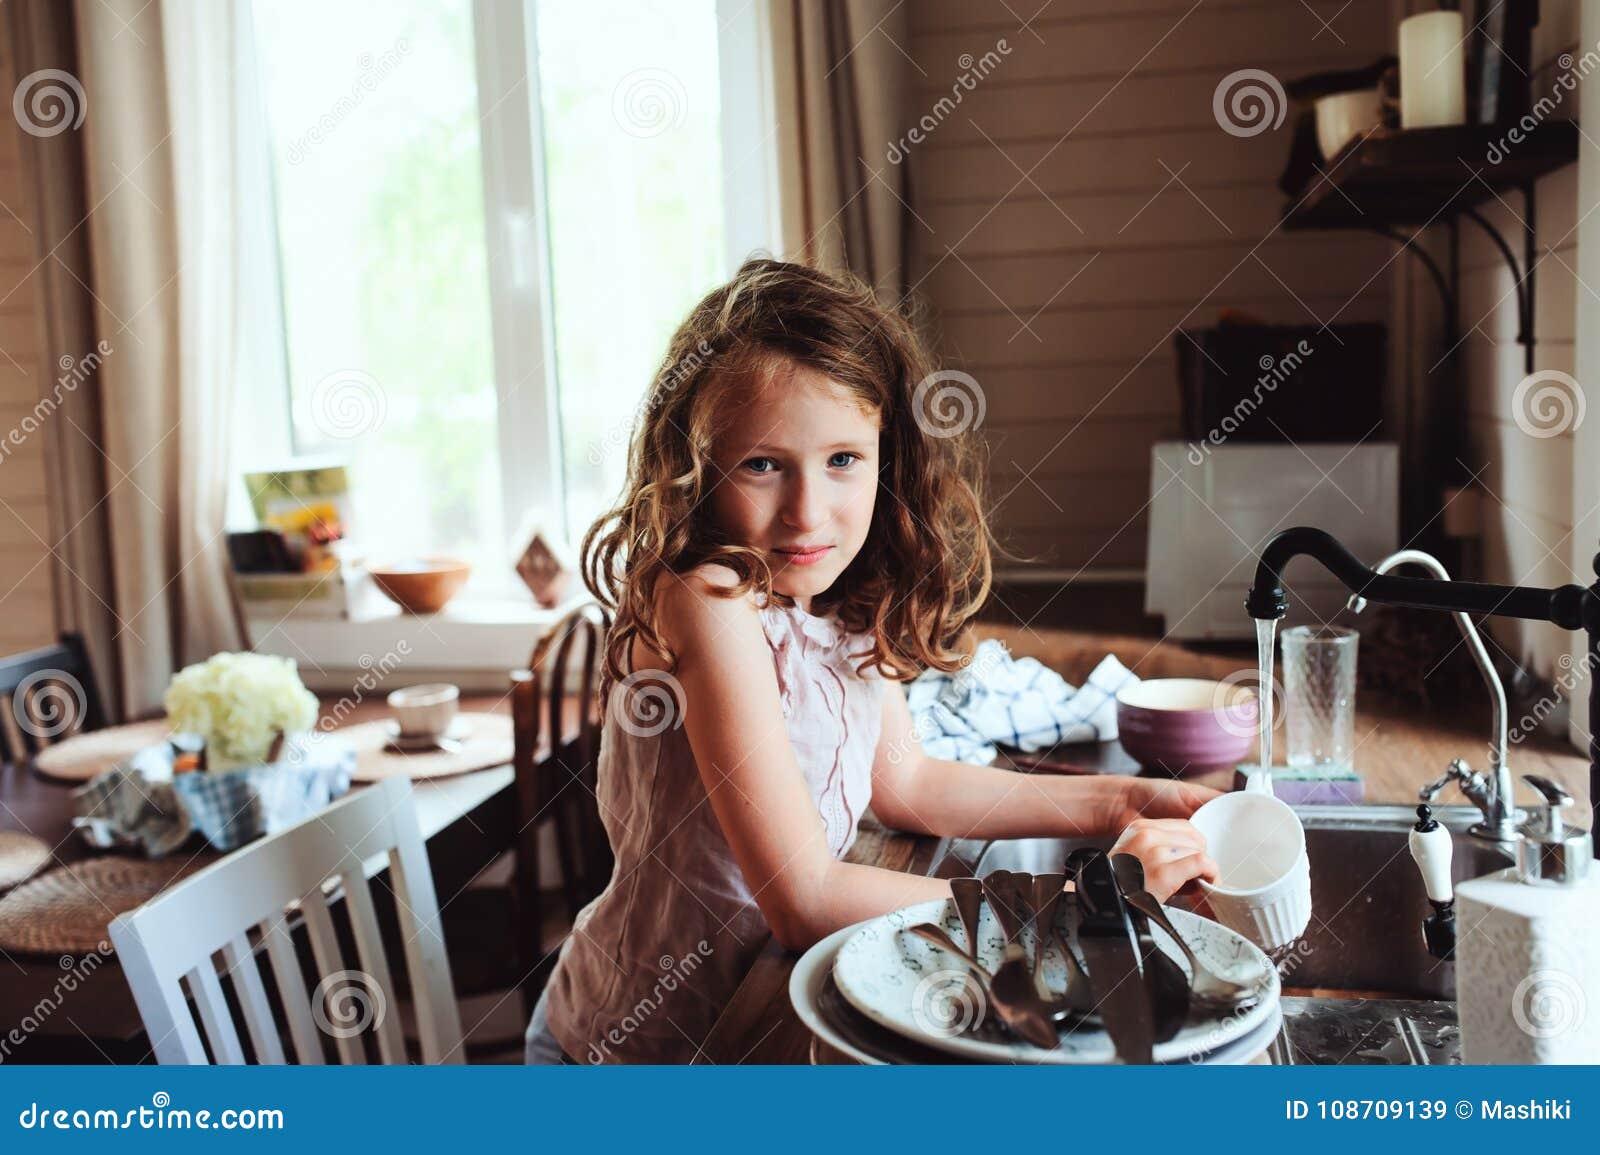 Как сделать девушке ребёнка фото 89